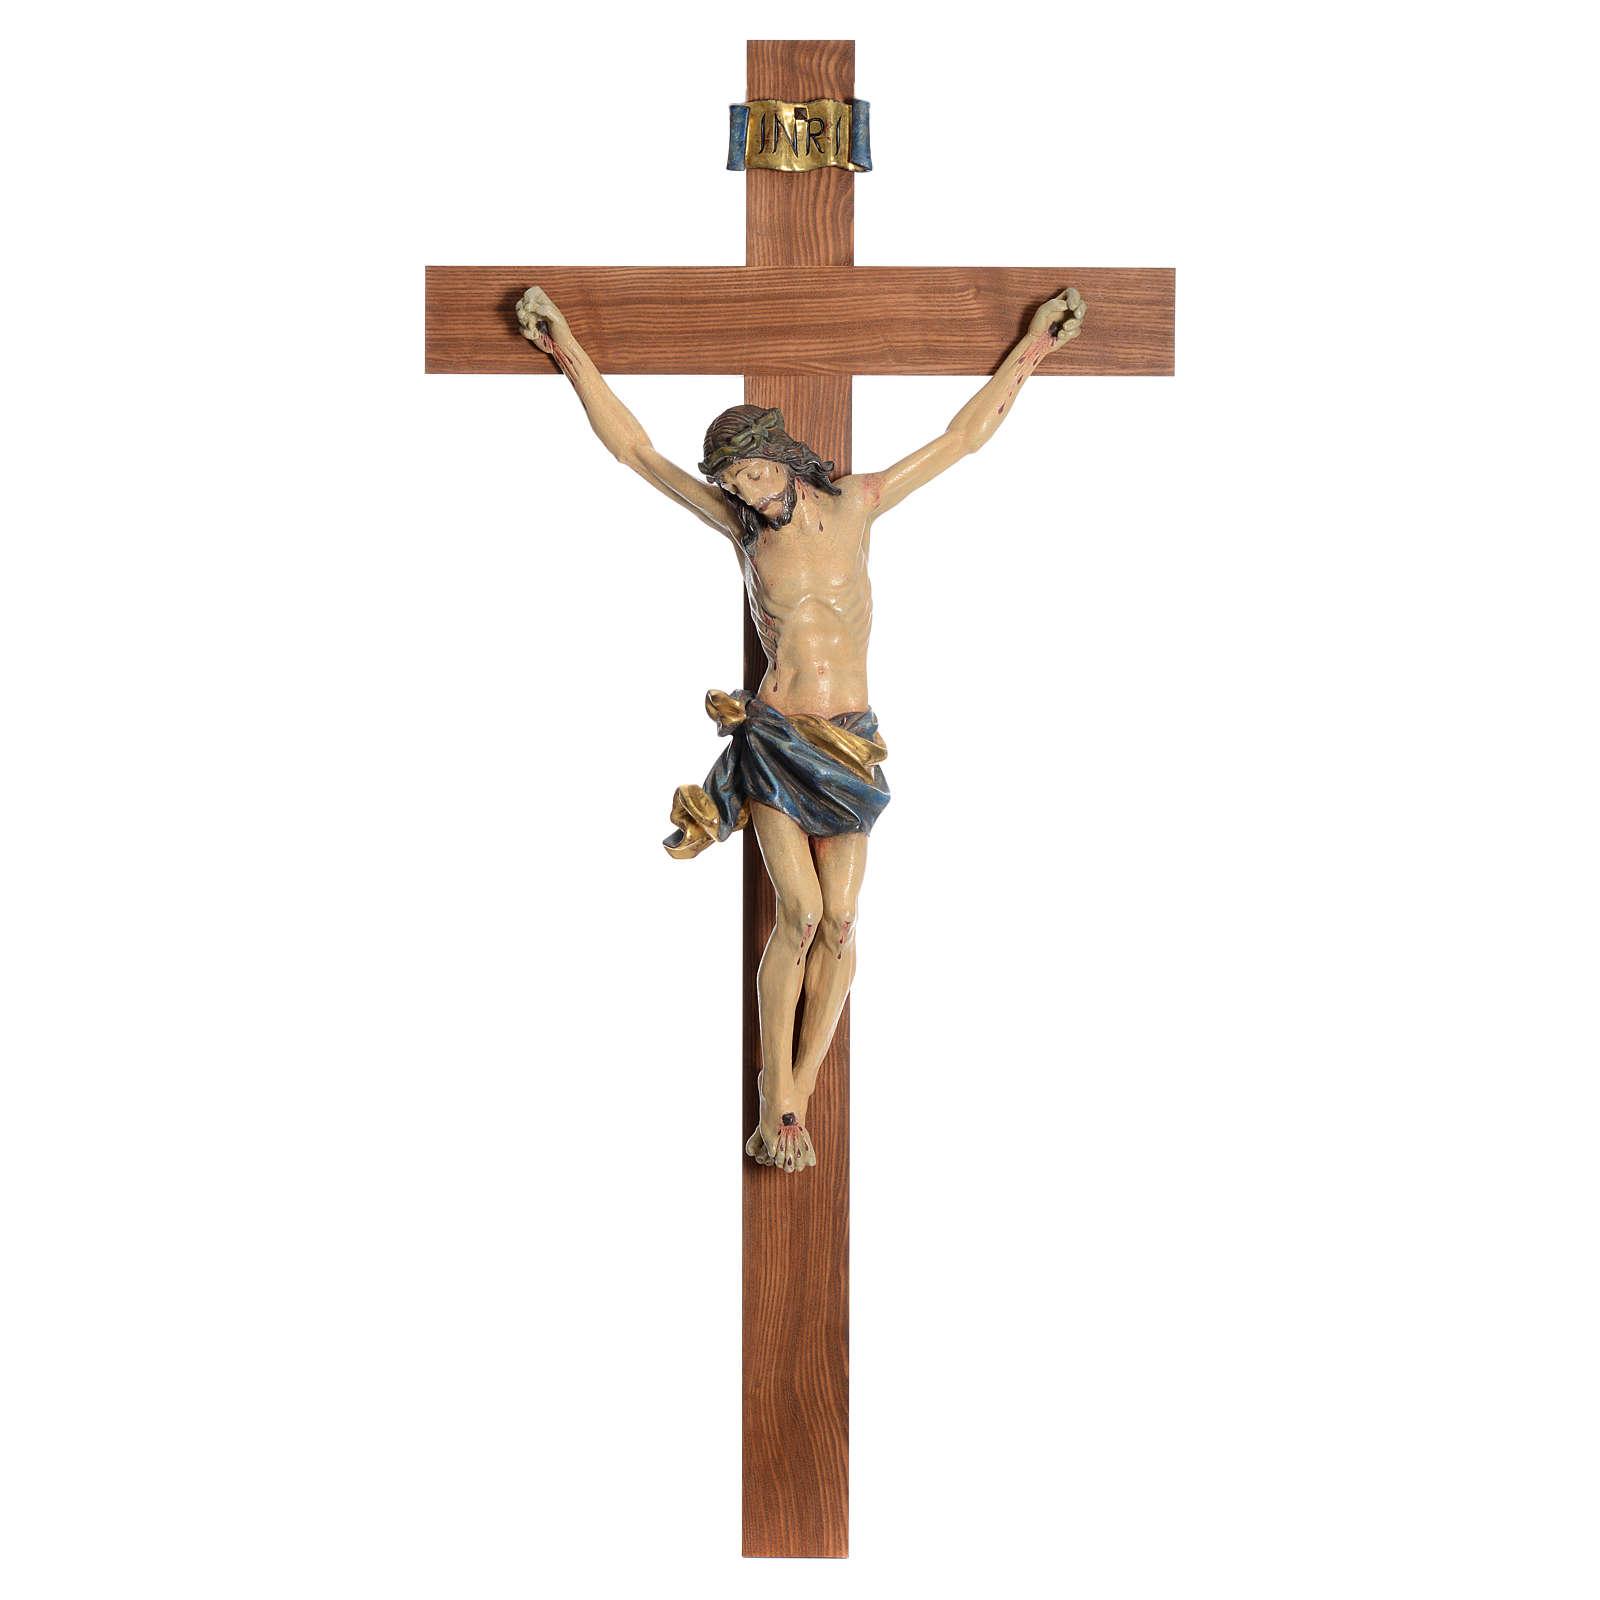 Crocefisso mod. Corpus croce dritta legno Valgardena Antico Gold 4